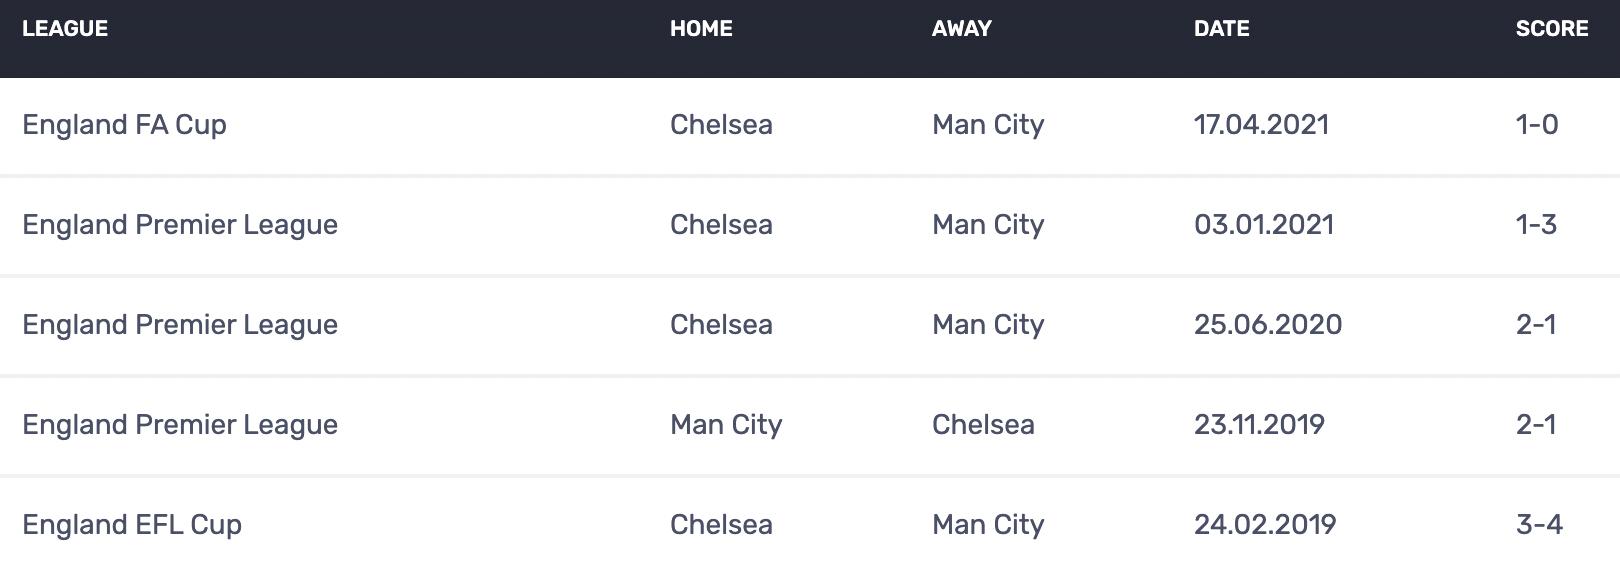 Soi kèo bóng đá hôm nay Manchester City vs Chelsea, 23h30, 08/05/2021